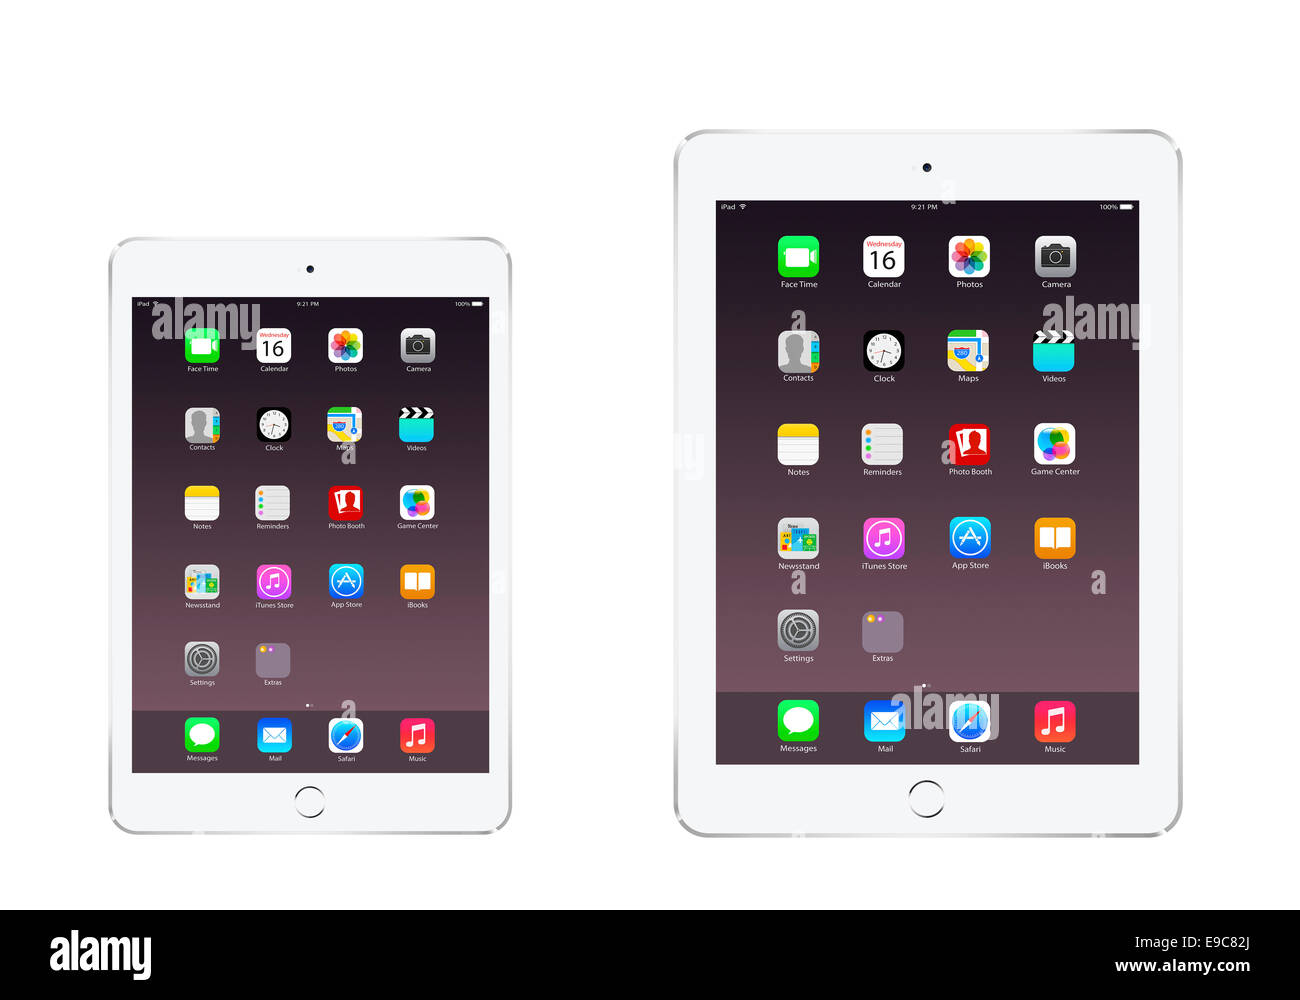 Tabletas iPad 3 iPad mini air 2 plata con aplicaciones generadas digitalmente, obras de arte. Imagen De Stock